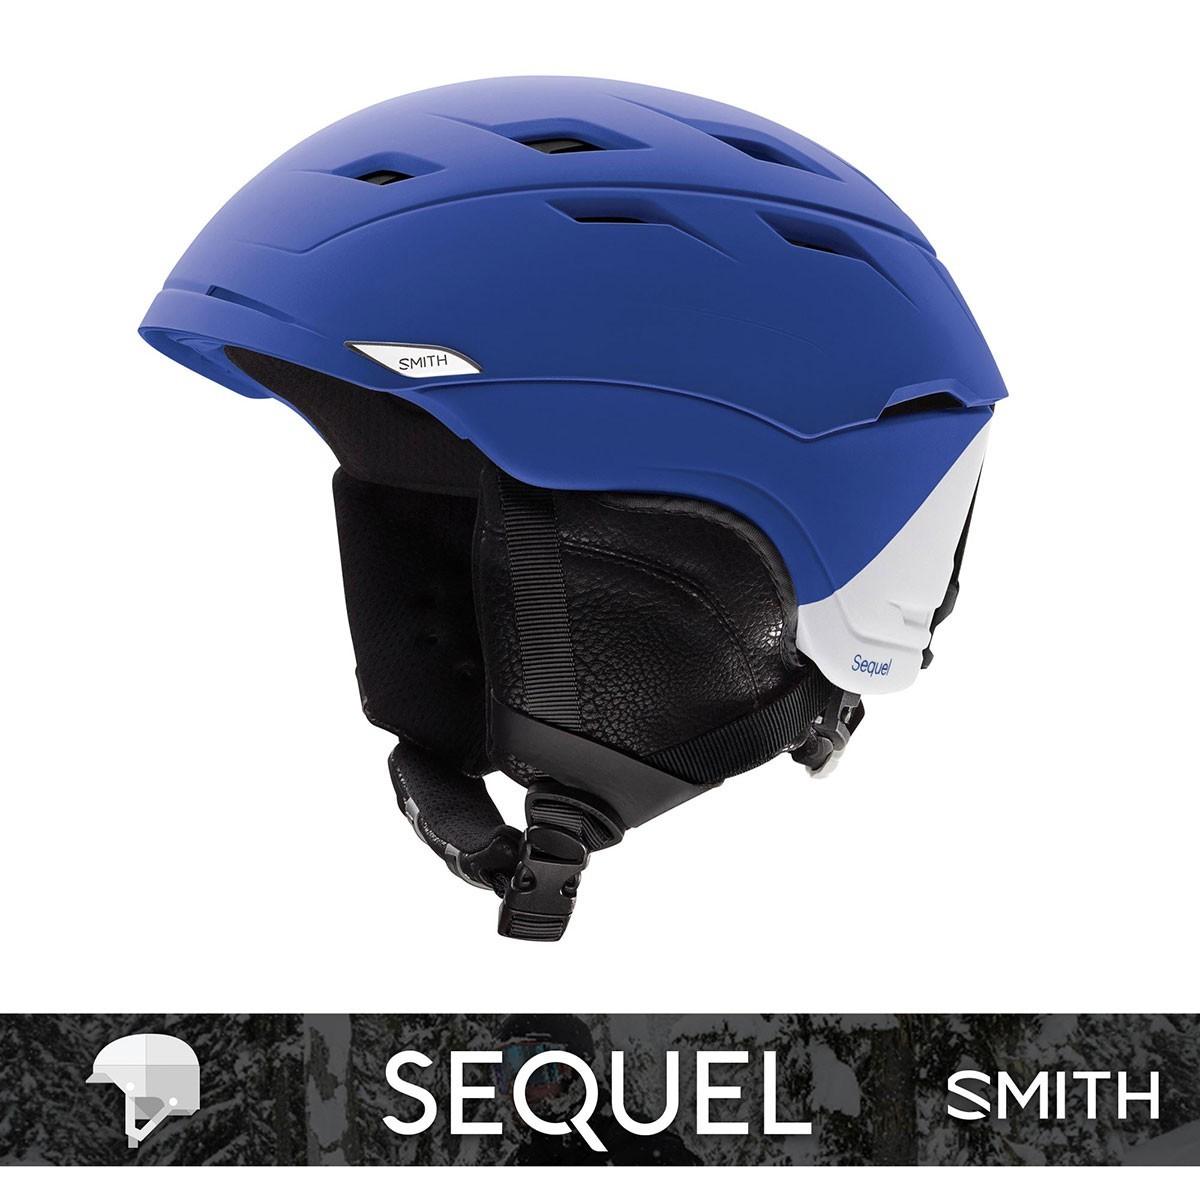 SMITH SEQUEL matte Klein Blue Splater - Изображение - AQUAMATRIX